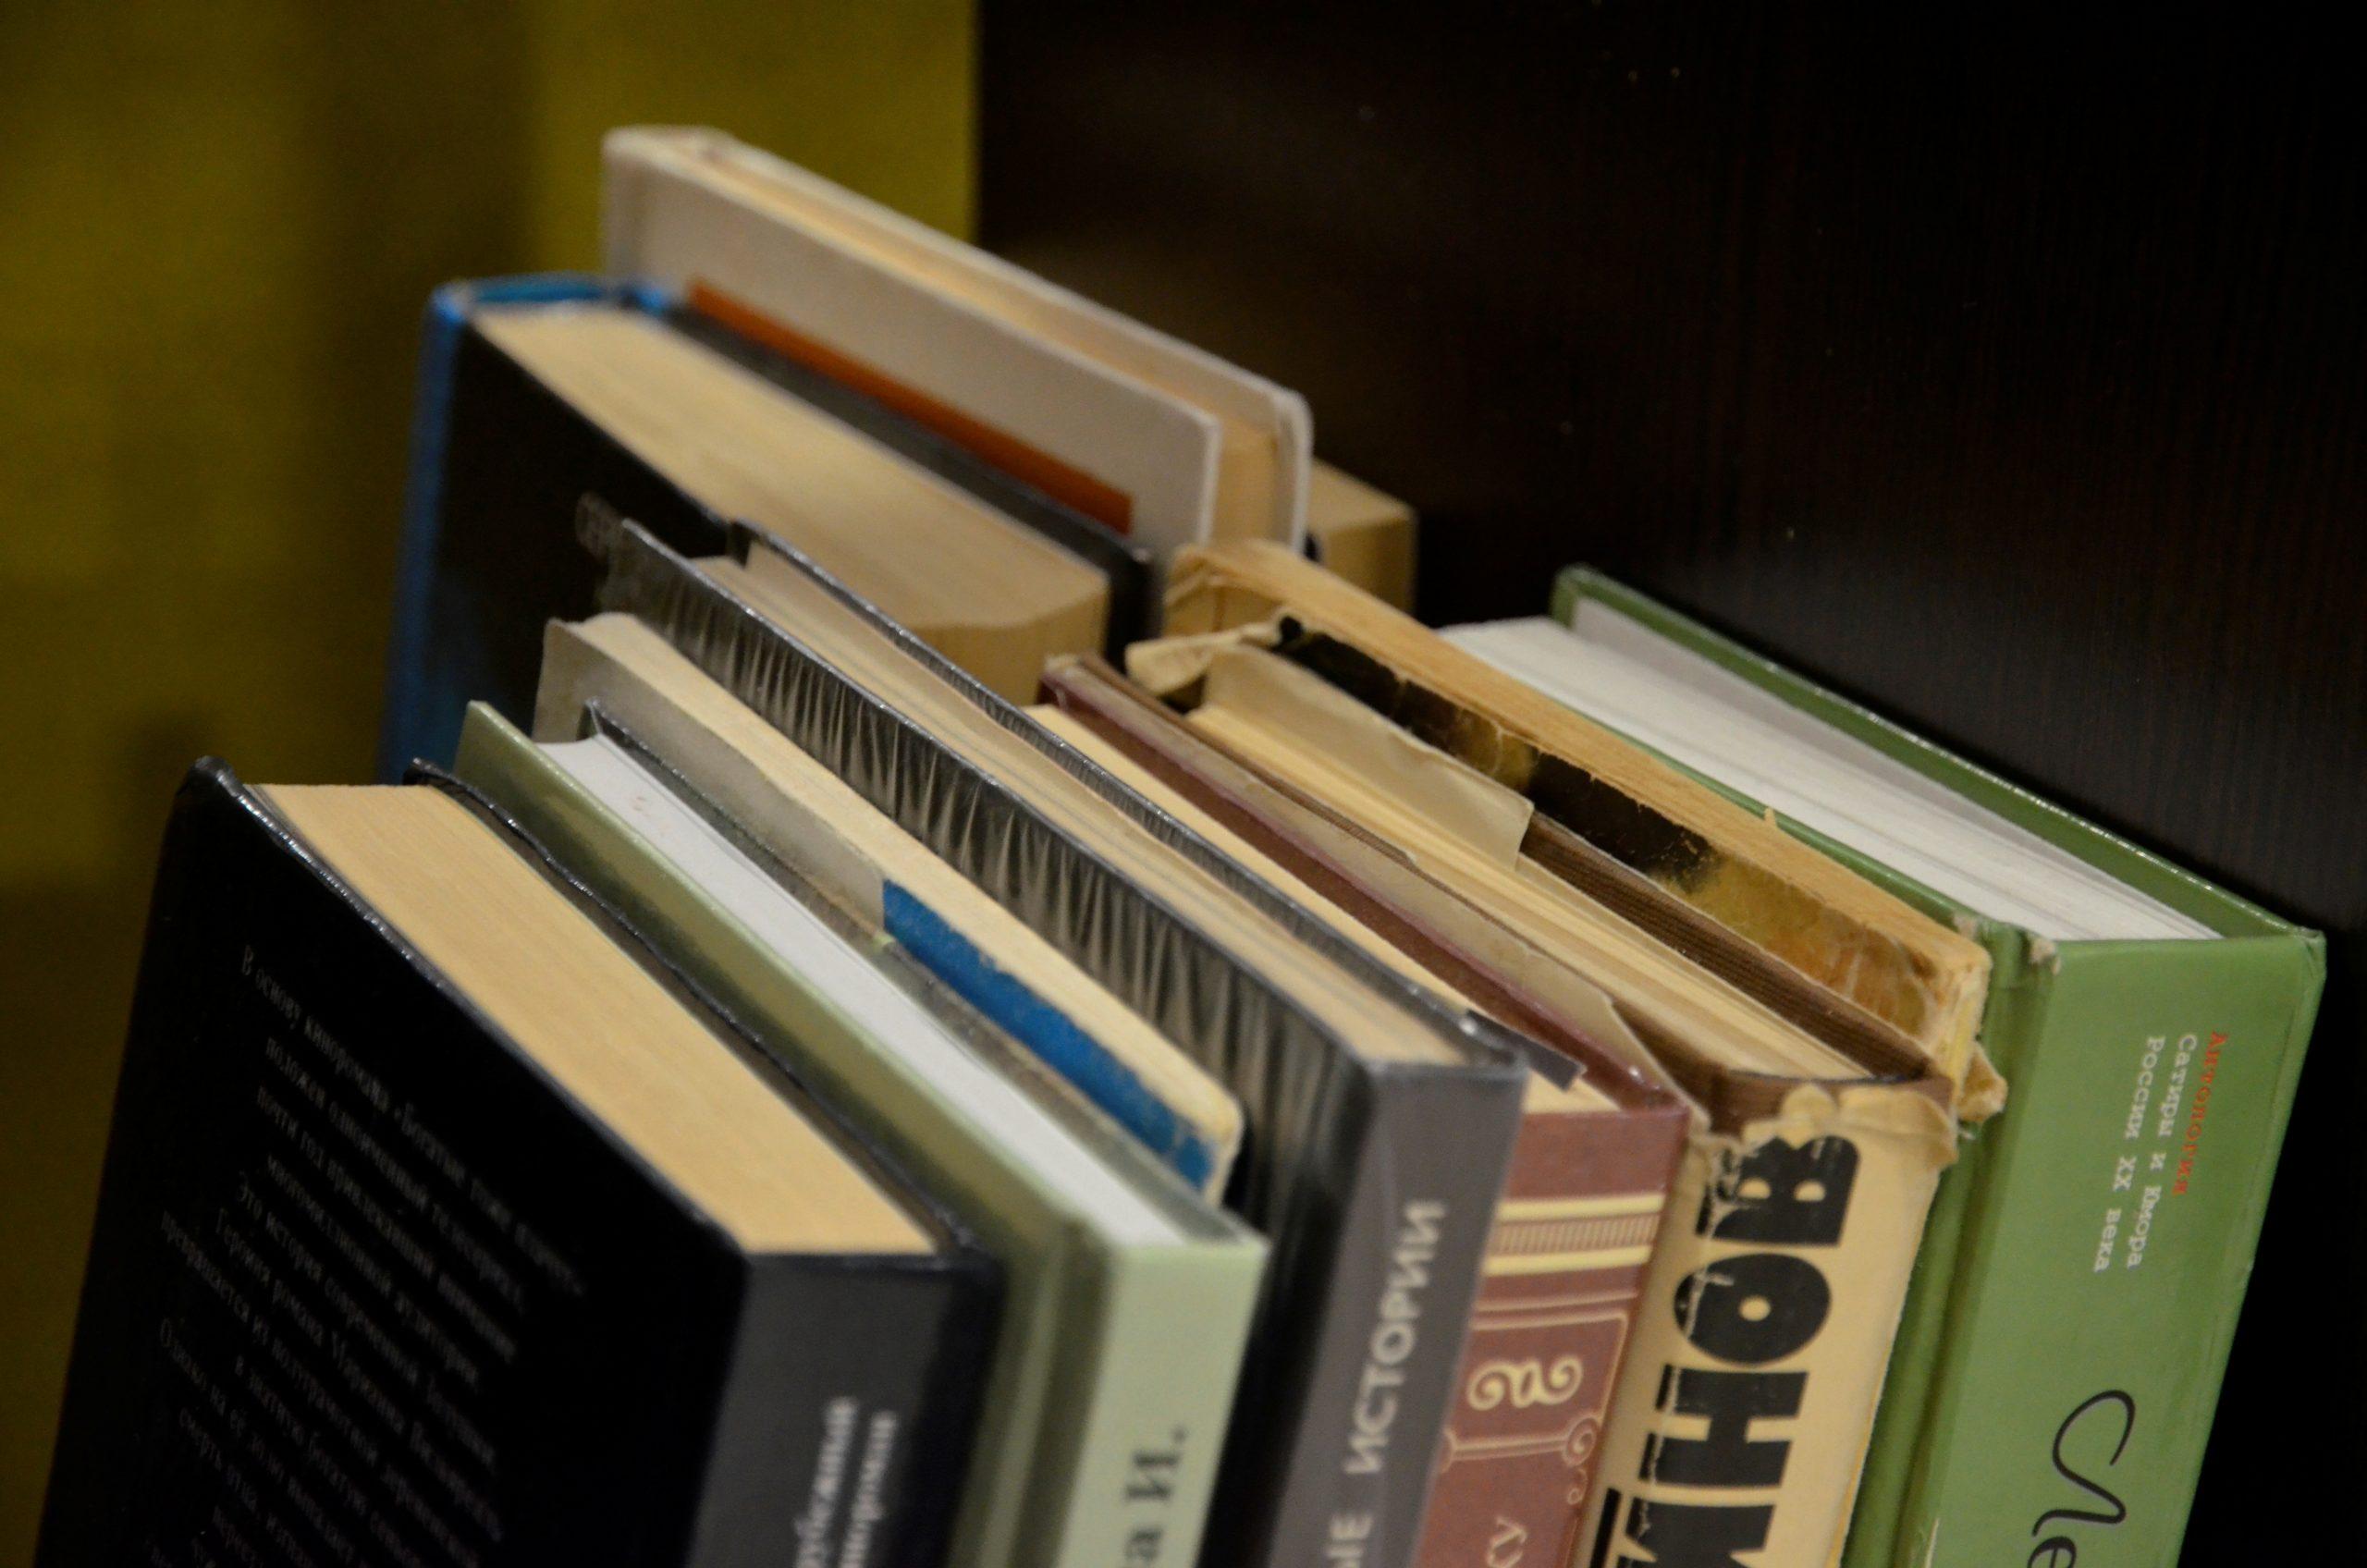 Мероприятие о Борисе Пастернаке организуют представители библиотеки в Филимонковском